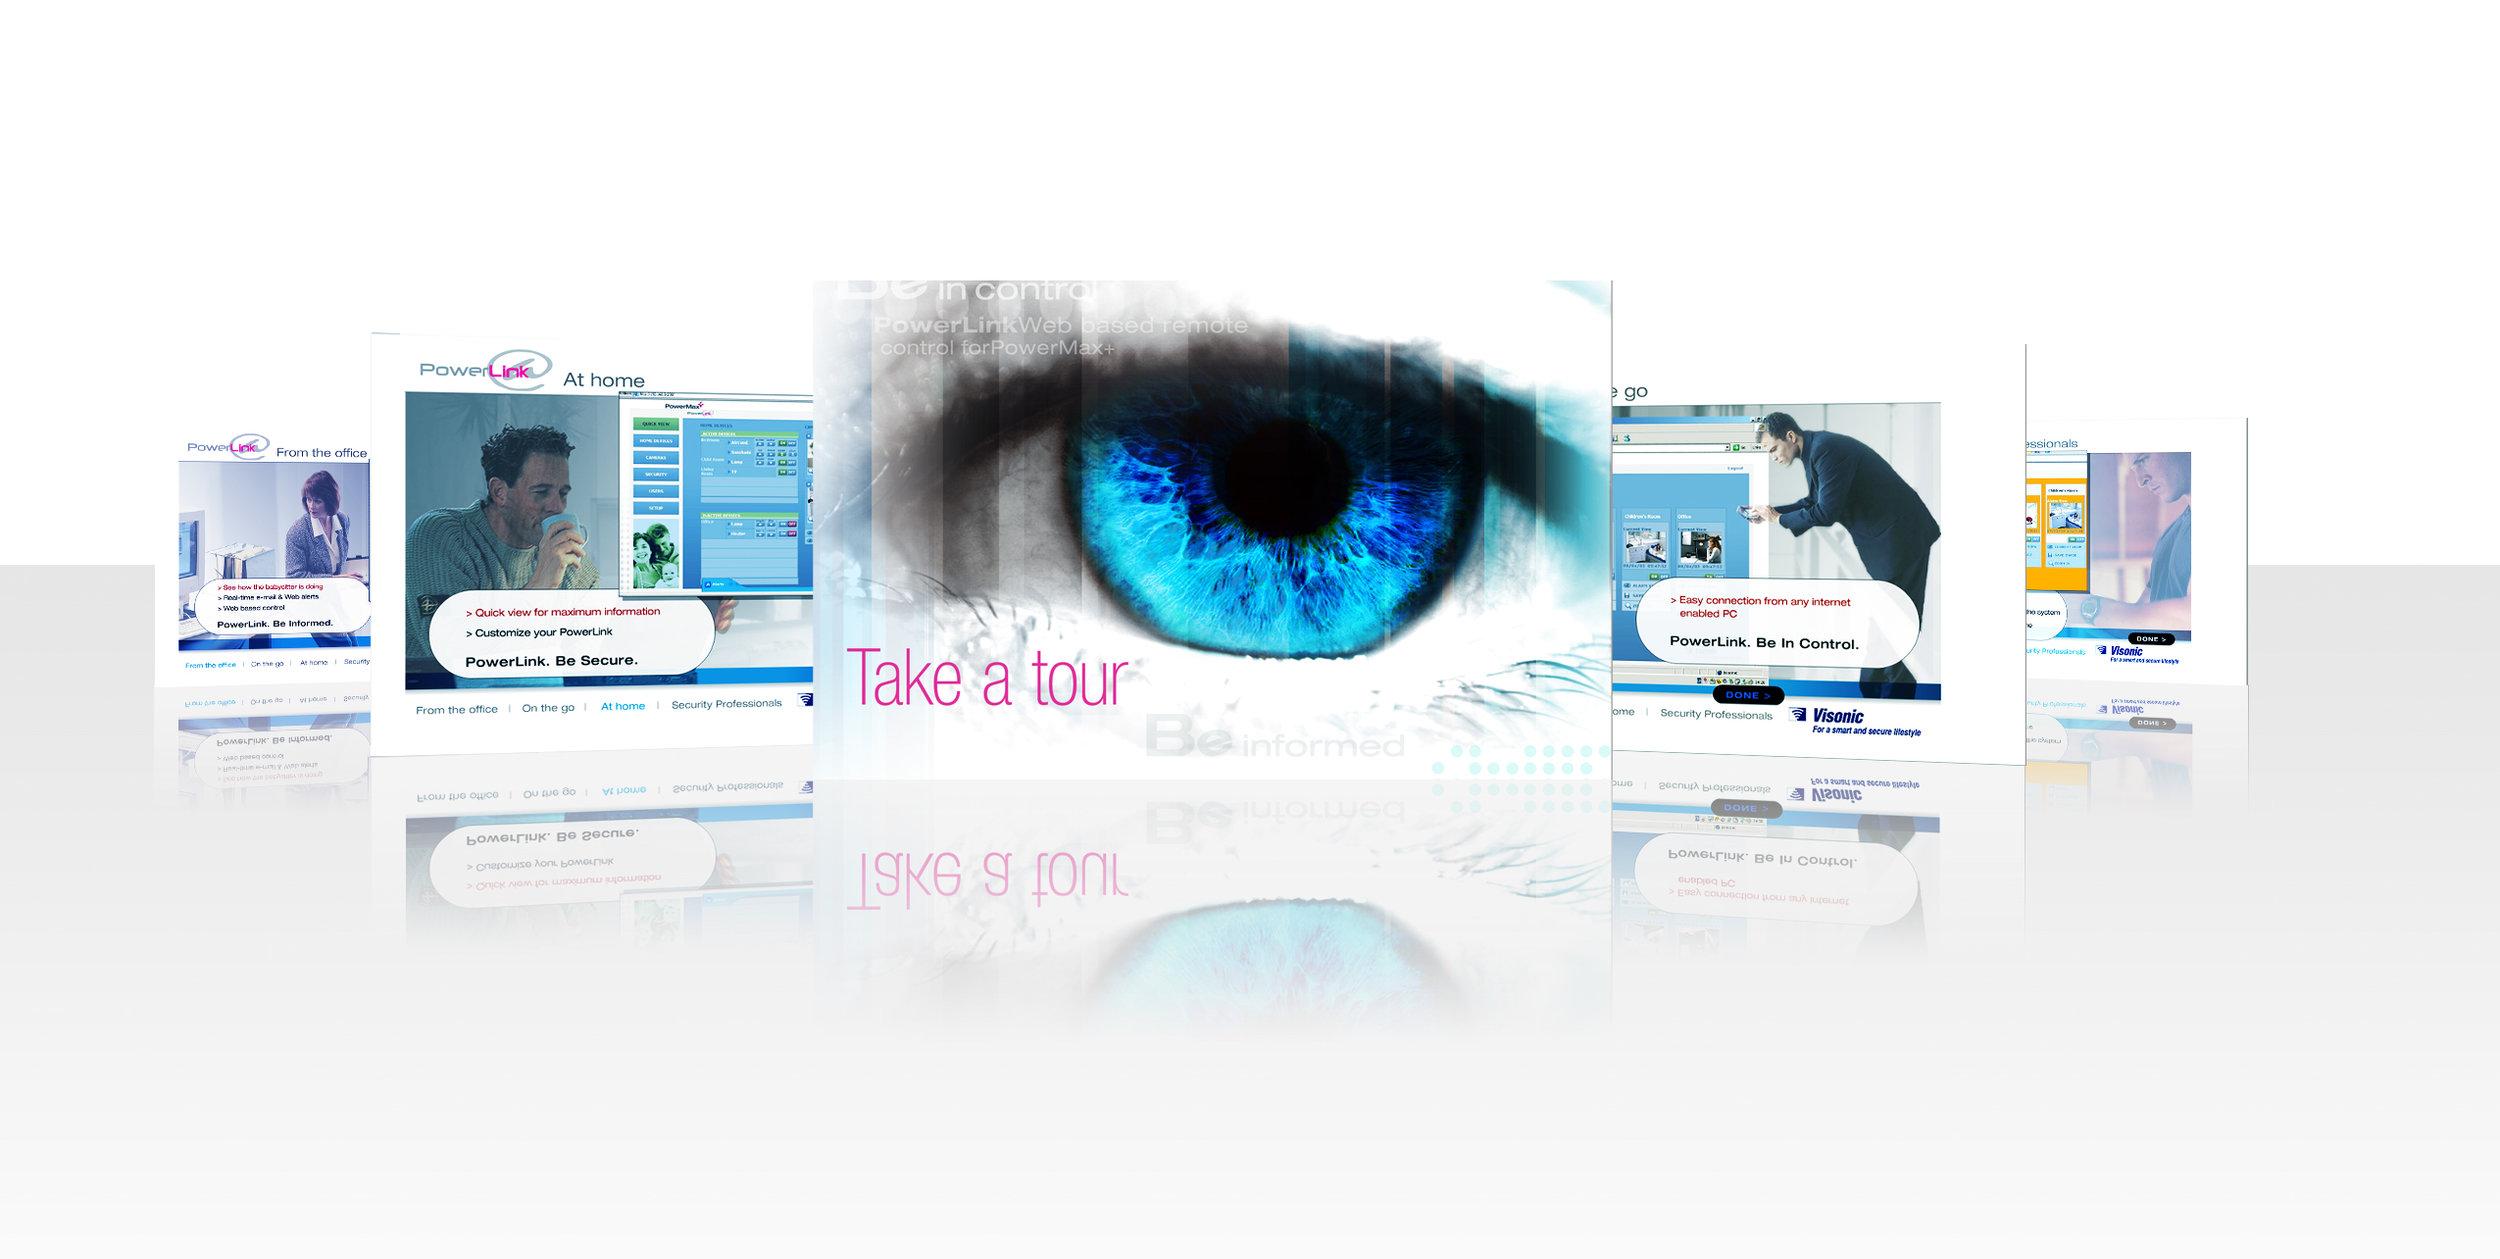 web_tour.jpg